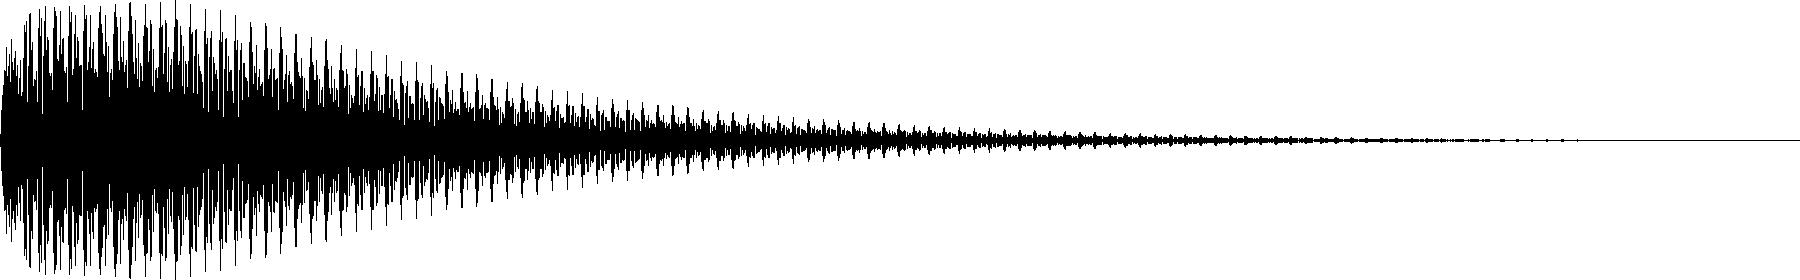 vedh bass cut 036 f